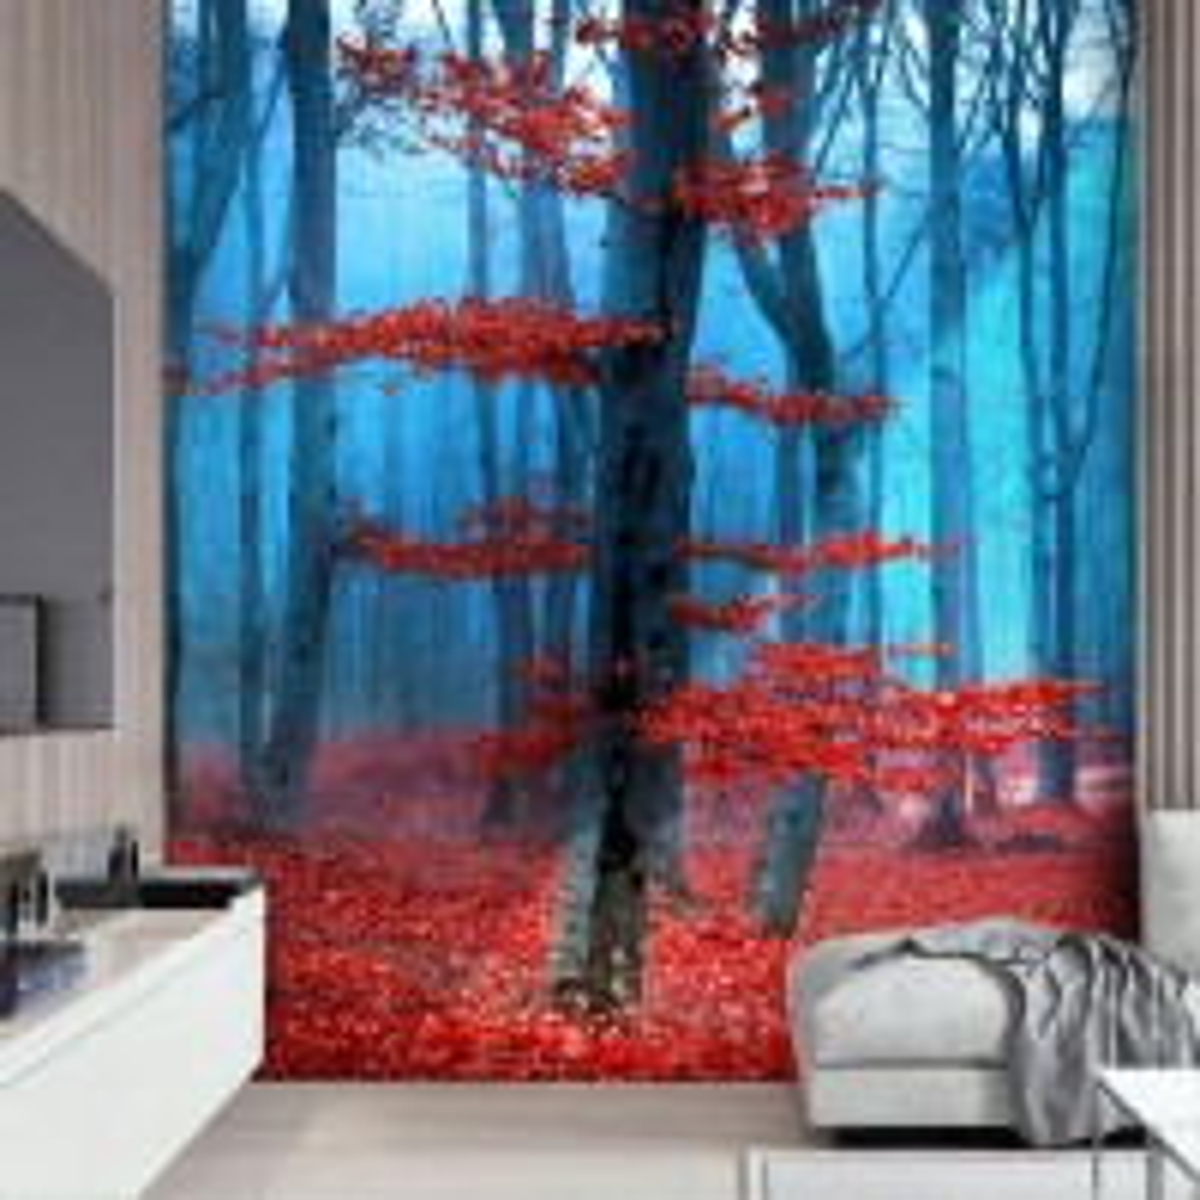 Red Forest Landscape Wallpaper Mural